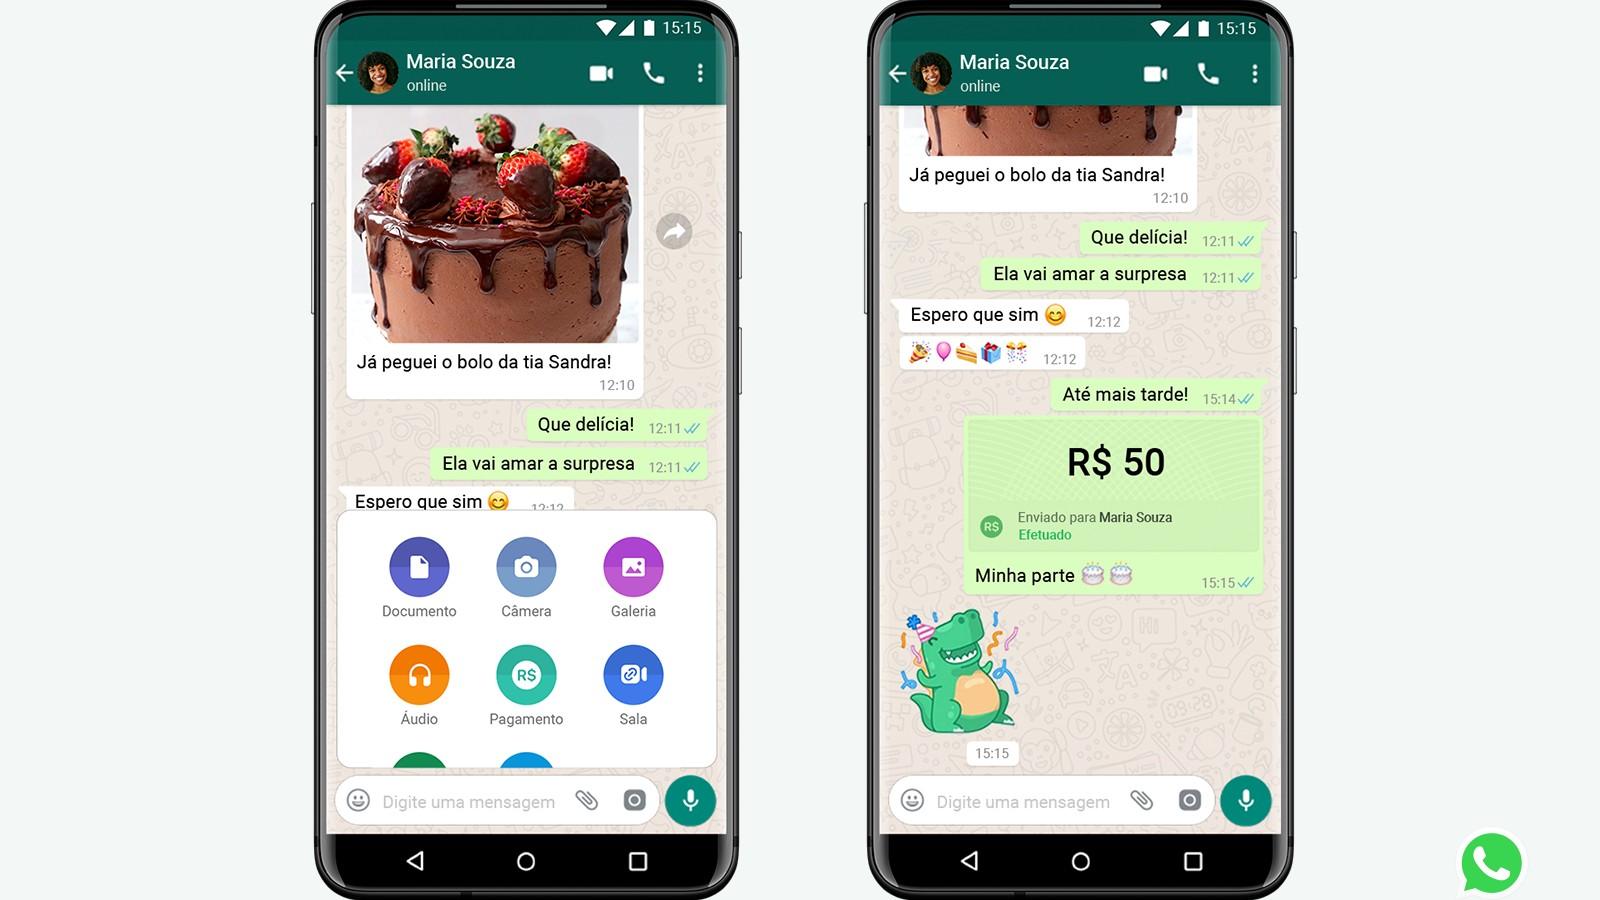 Exemplo de pagamento pelo WhatsApp (Divulgação)